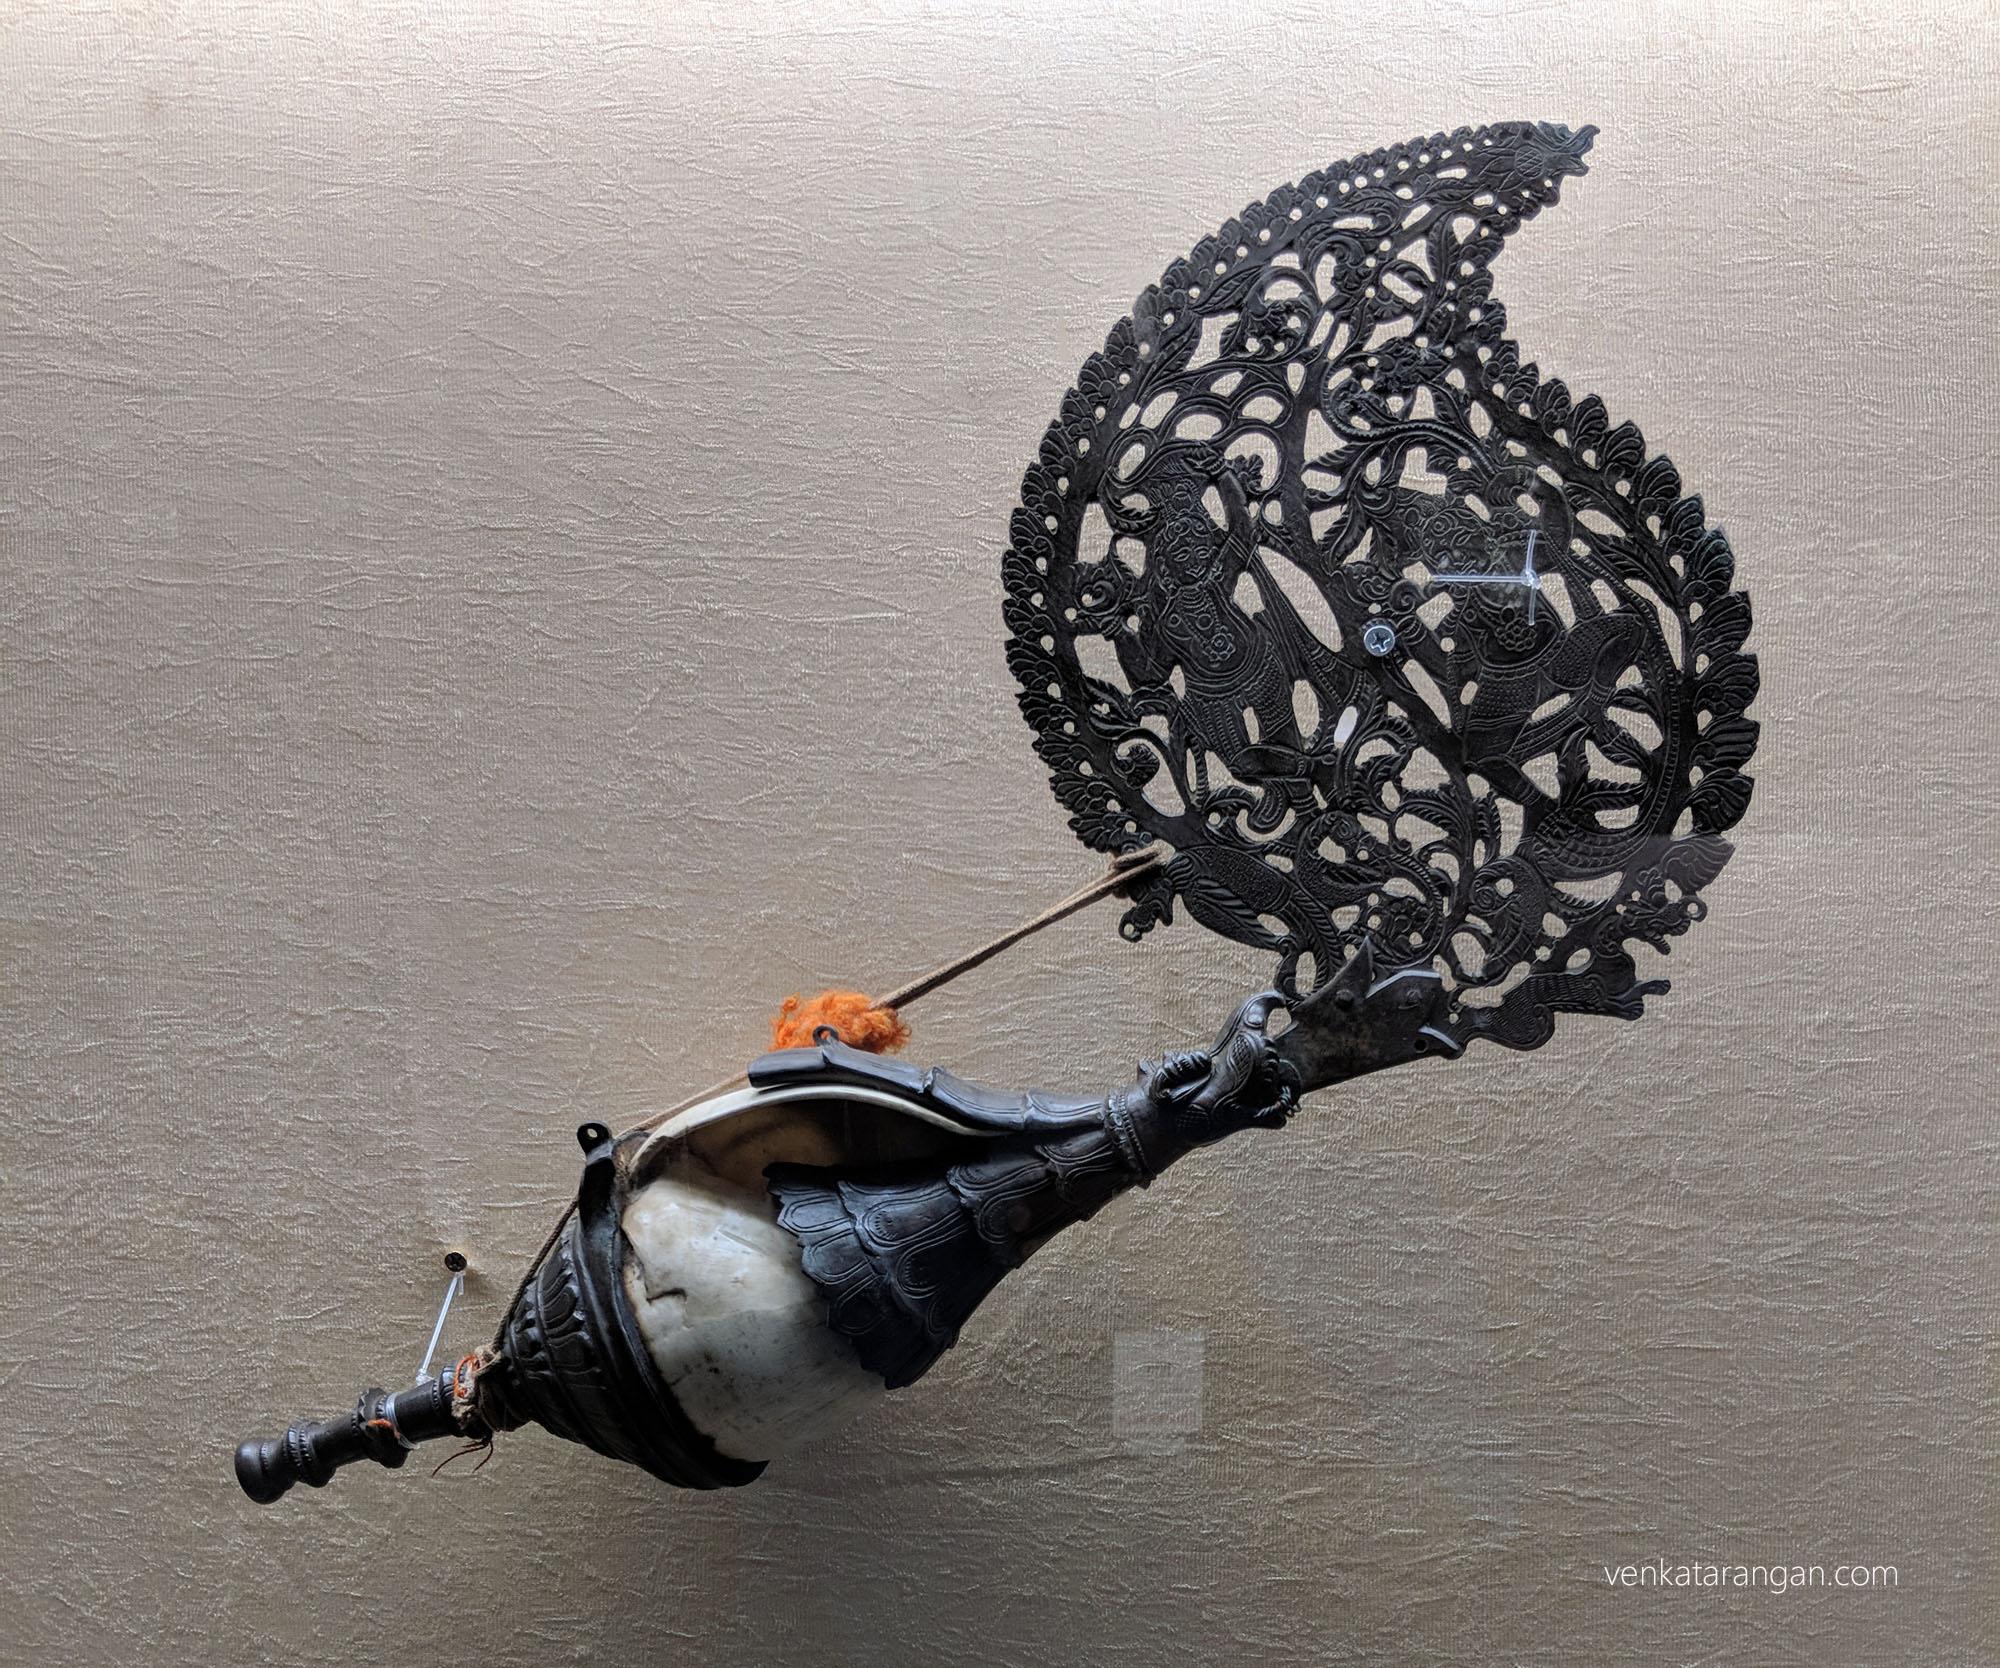 கோயில் இசை, காற்று இசைக் கருவி: Conch (சங்கு), most ancient wind instrument known to man. Year of acquisition: 1903.